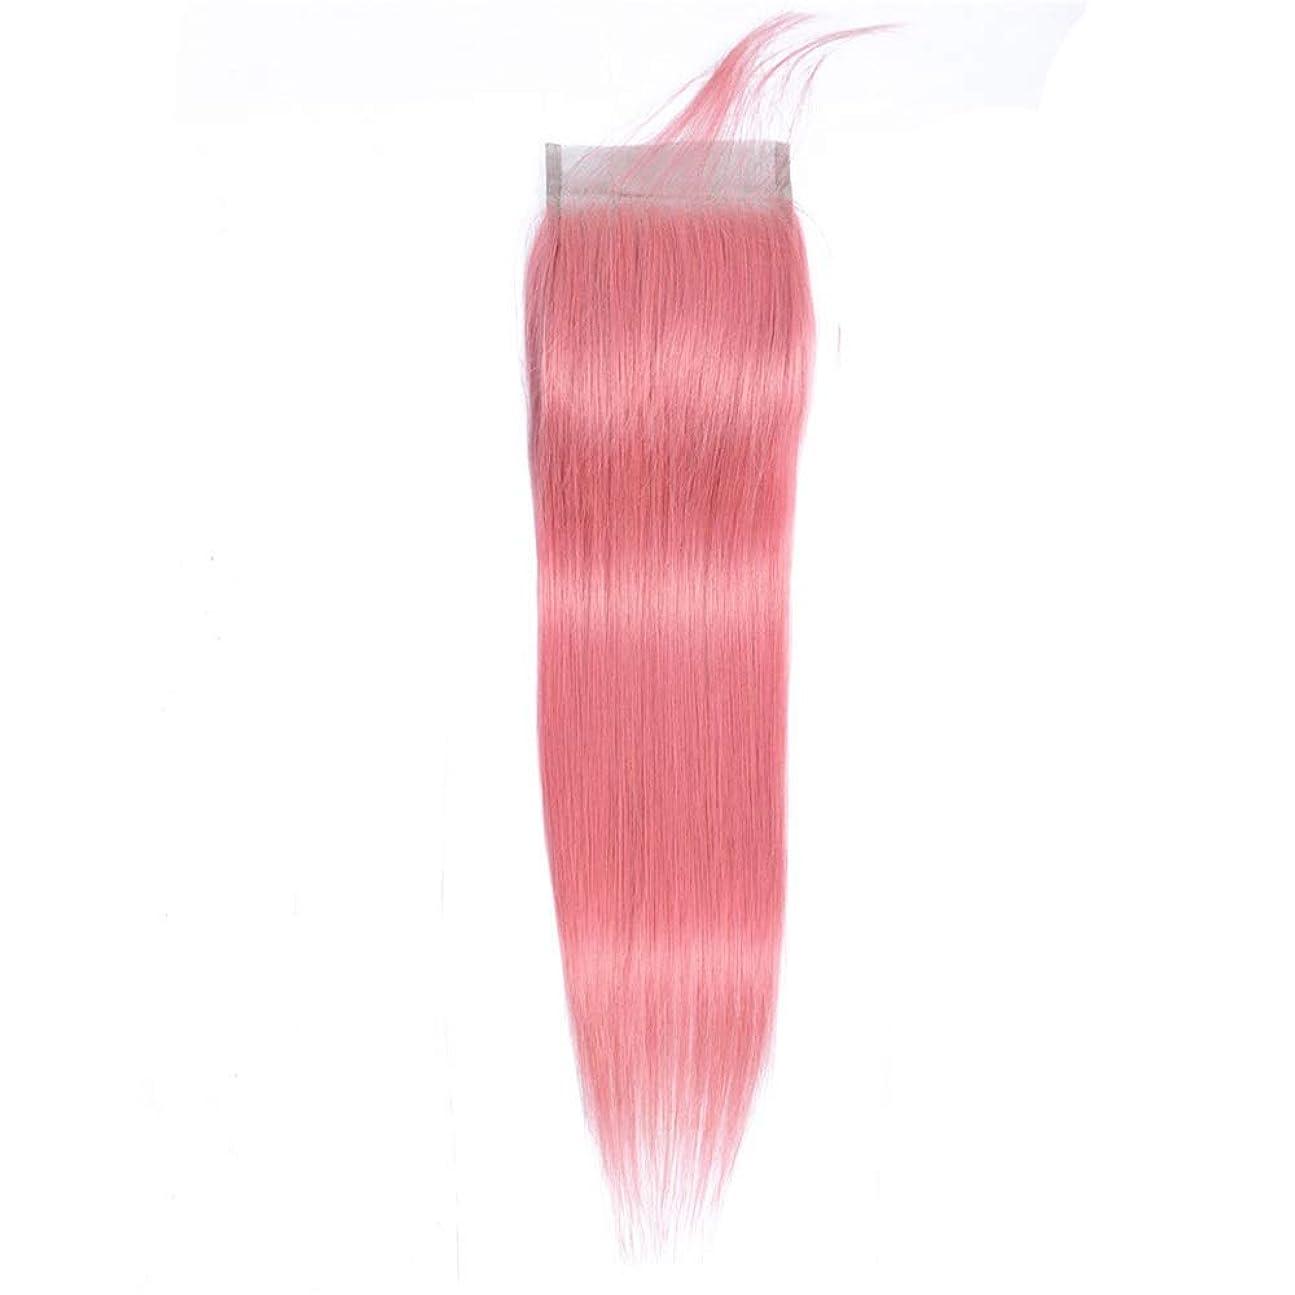 あいまいさ自分名前を作るYrattary レースの閉鎖無料パート4 * 4レースの正面閉鎖(10インチ-16インチ)ファッションウィッグとピンクの100%人毛ブラジルストレートヘア (色 : ピンク, サイズ : 10 inch)